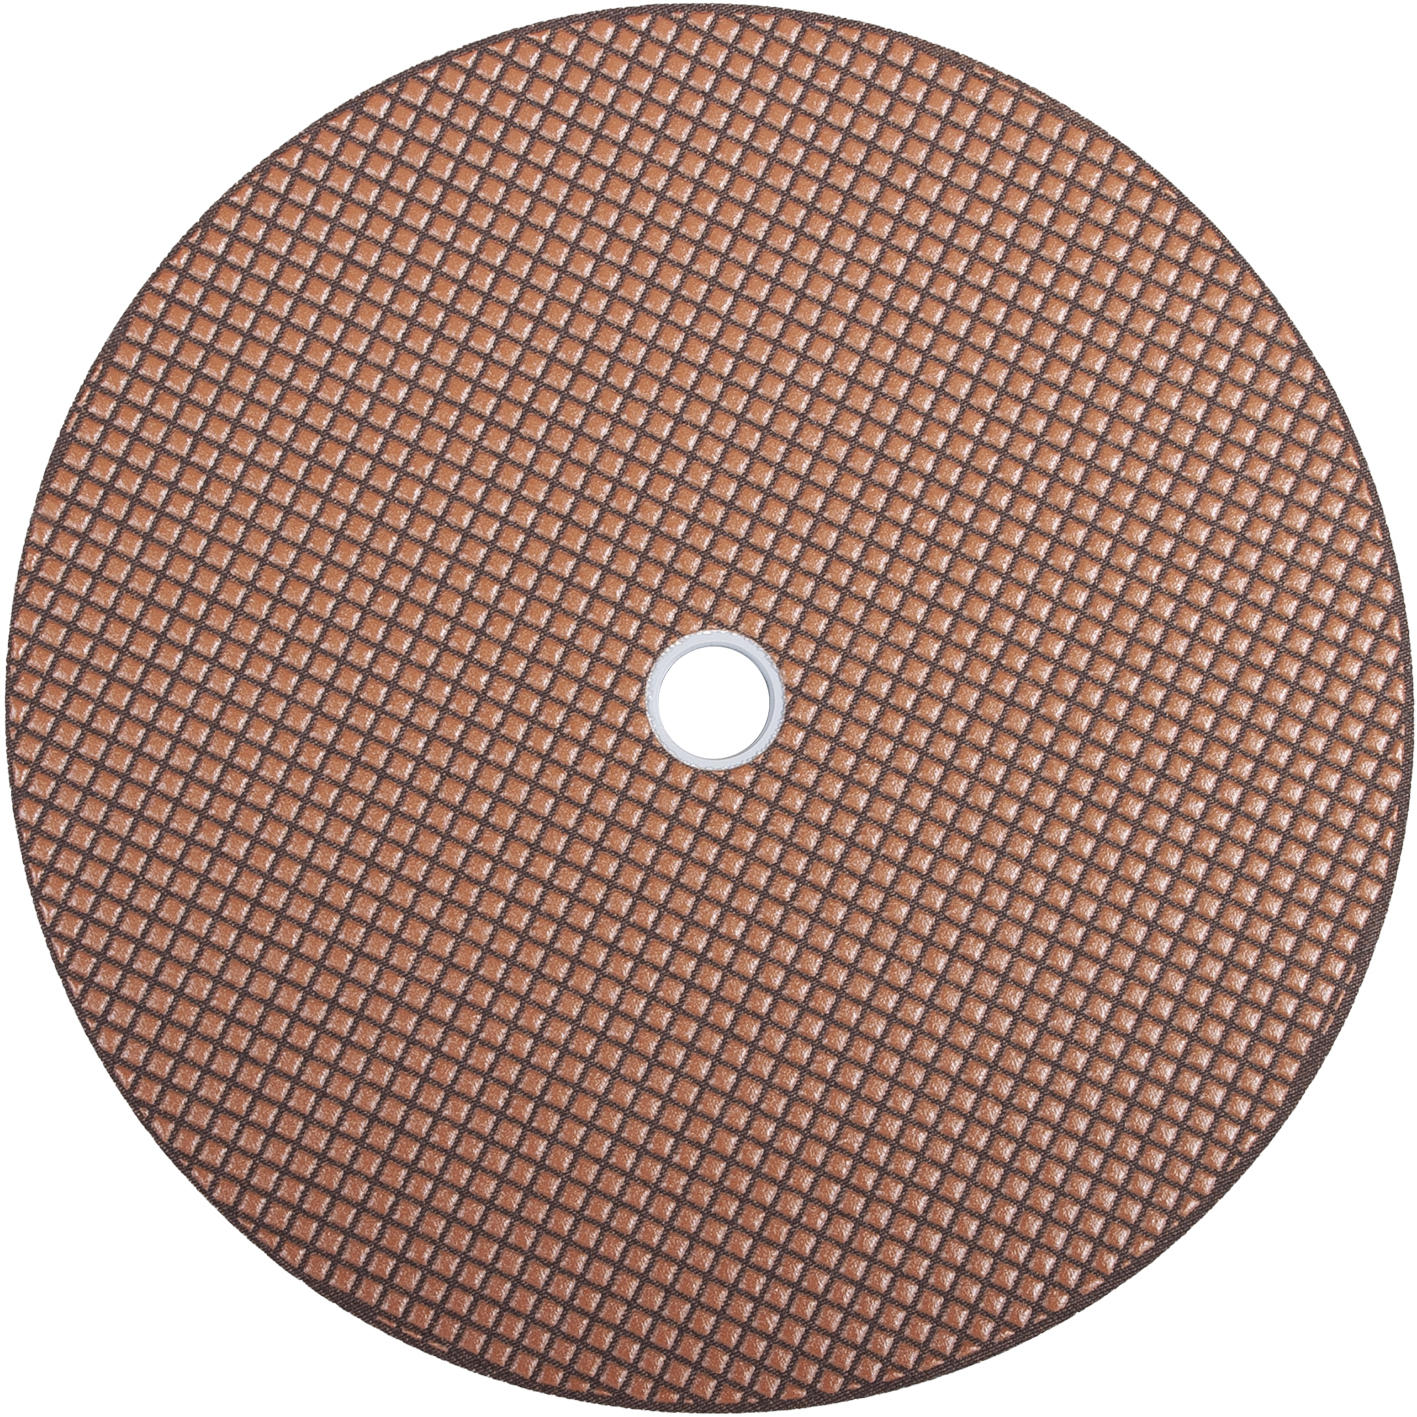 Diamantschleifteller OCTRON ø 250 mm │ Klett │ Korn 400